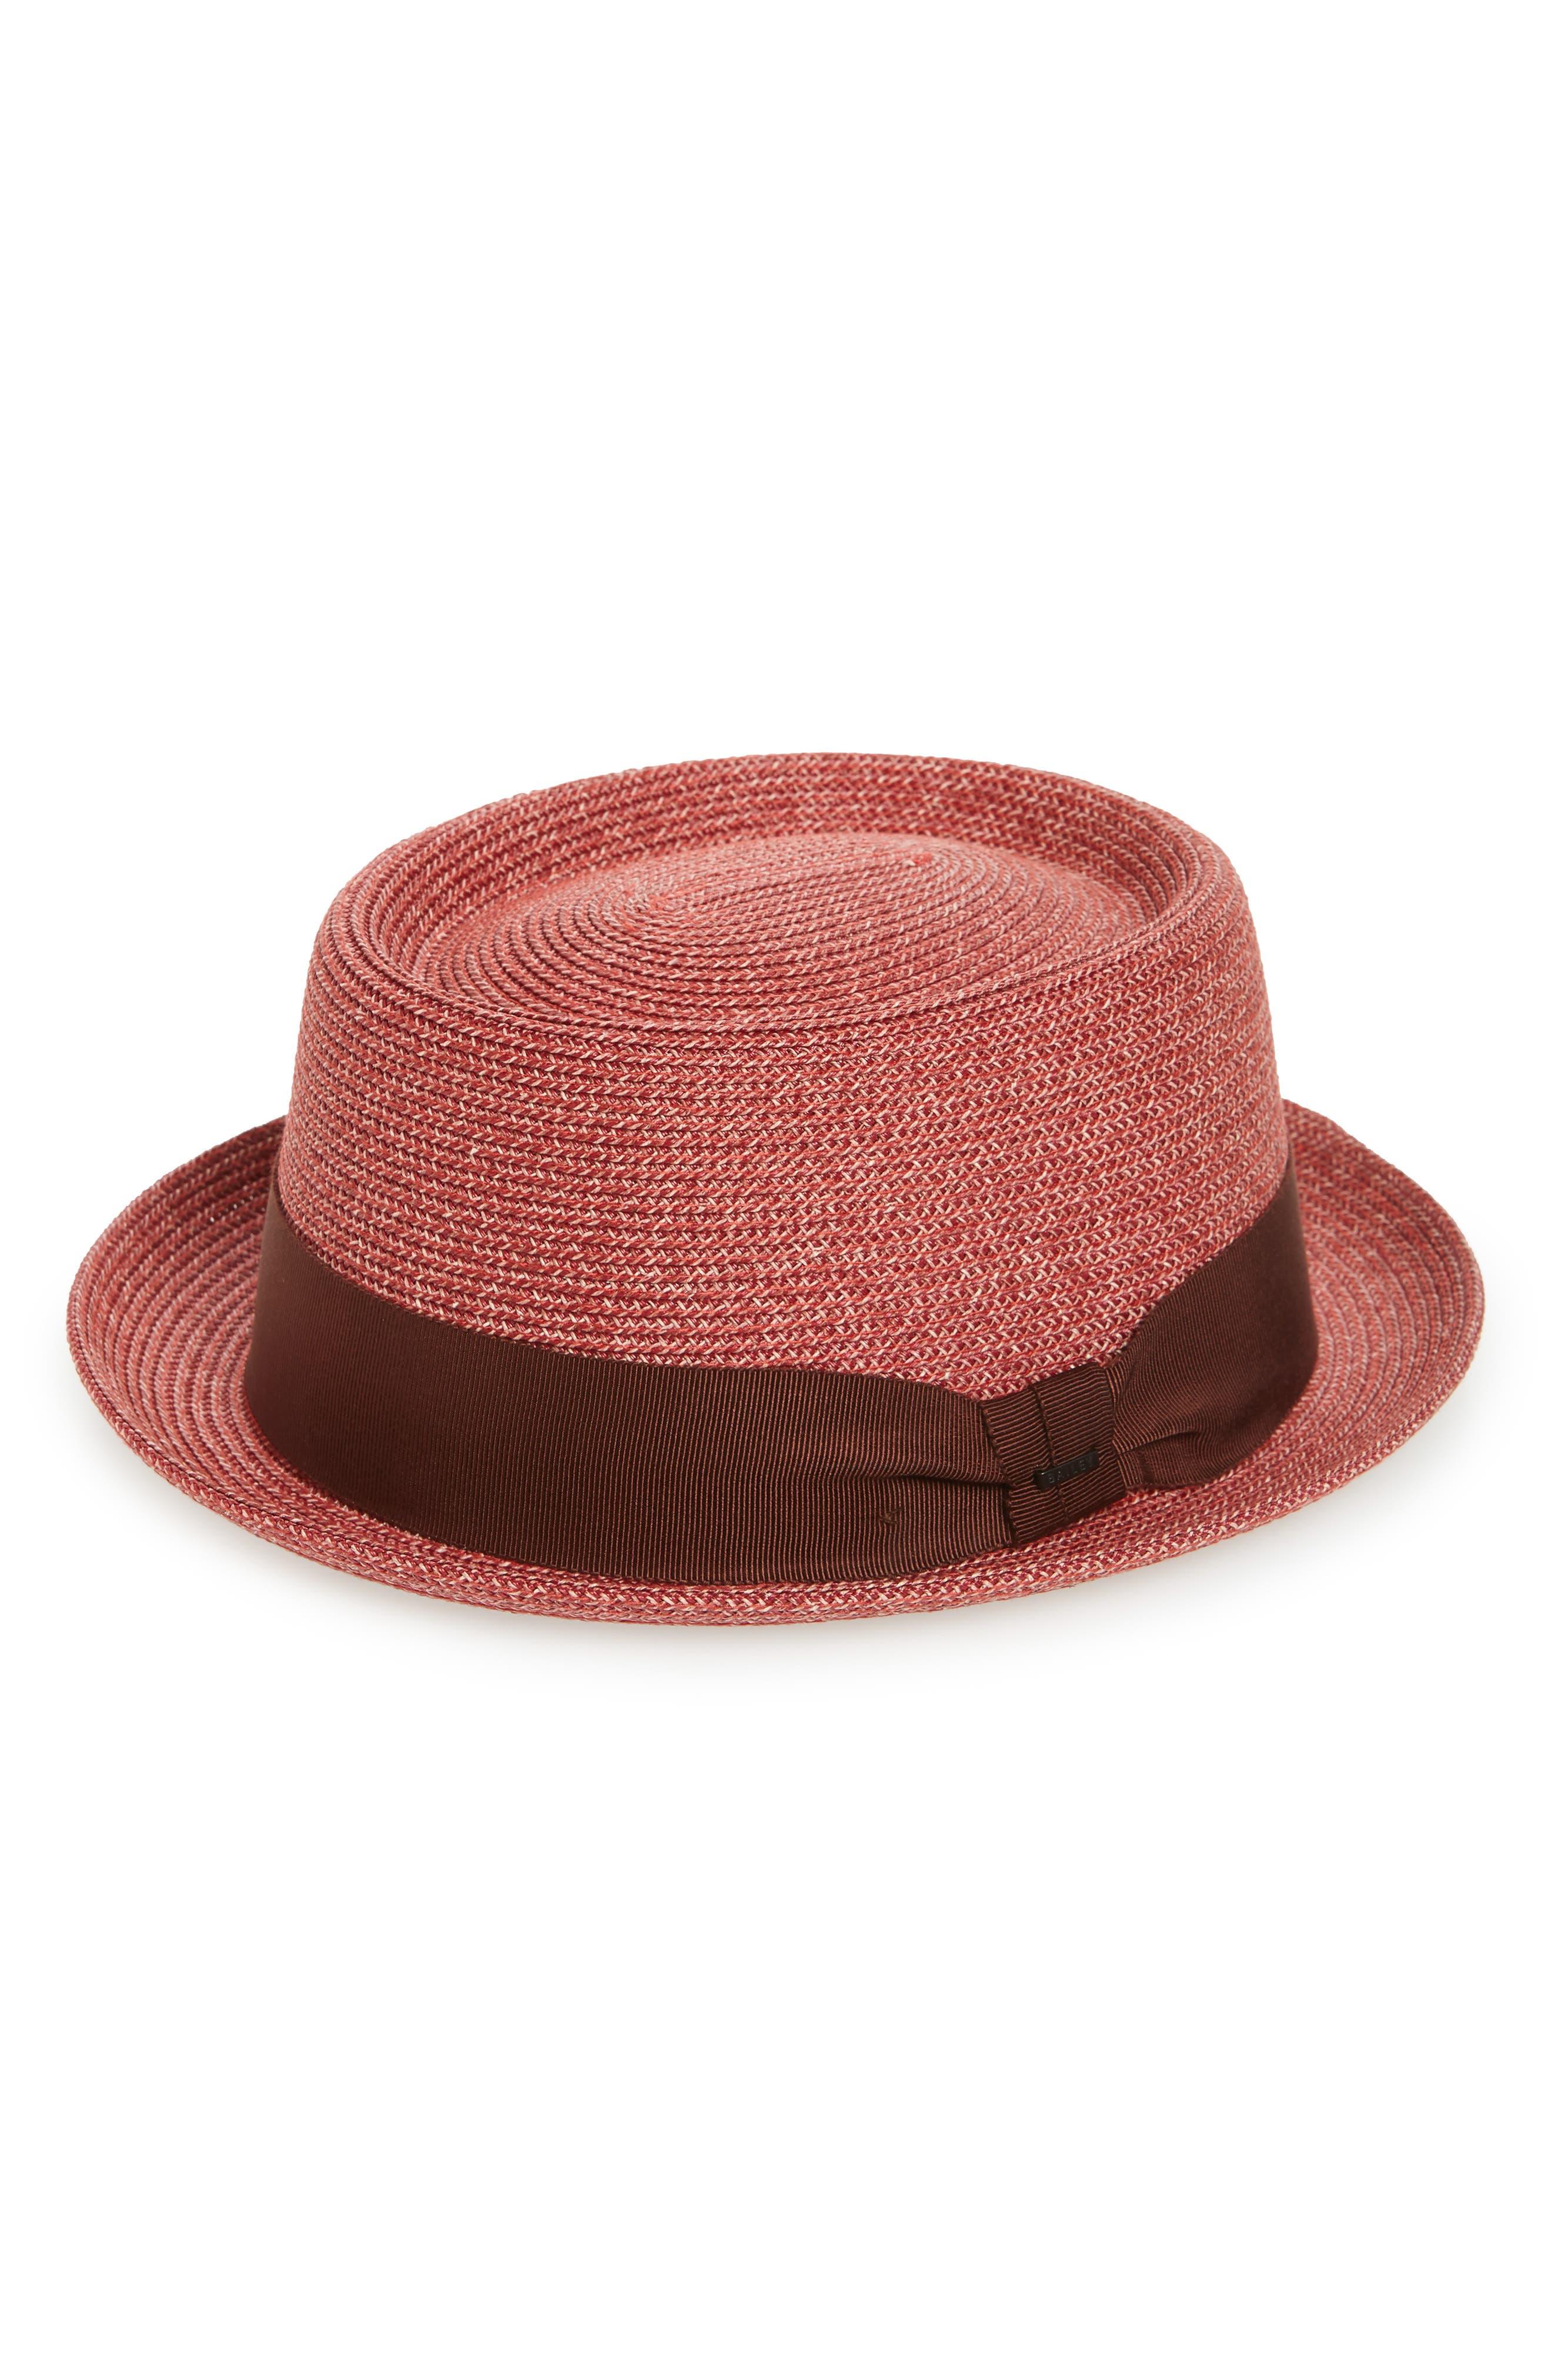 Waits Porkpie Hat,                         Main,                         color, Chili Pepper